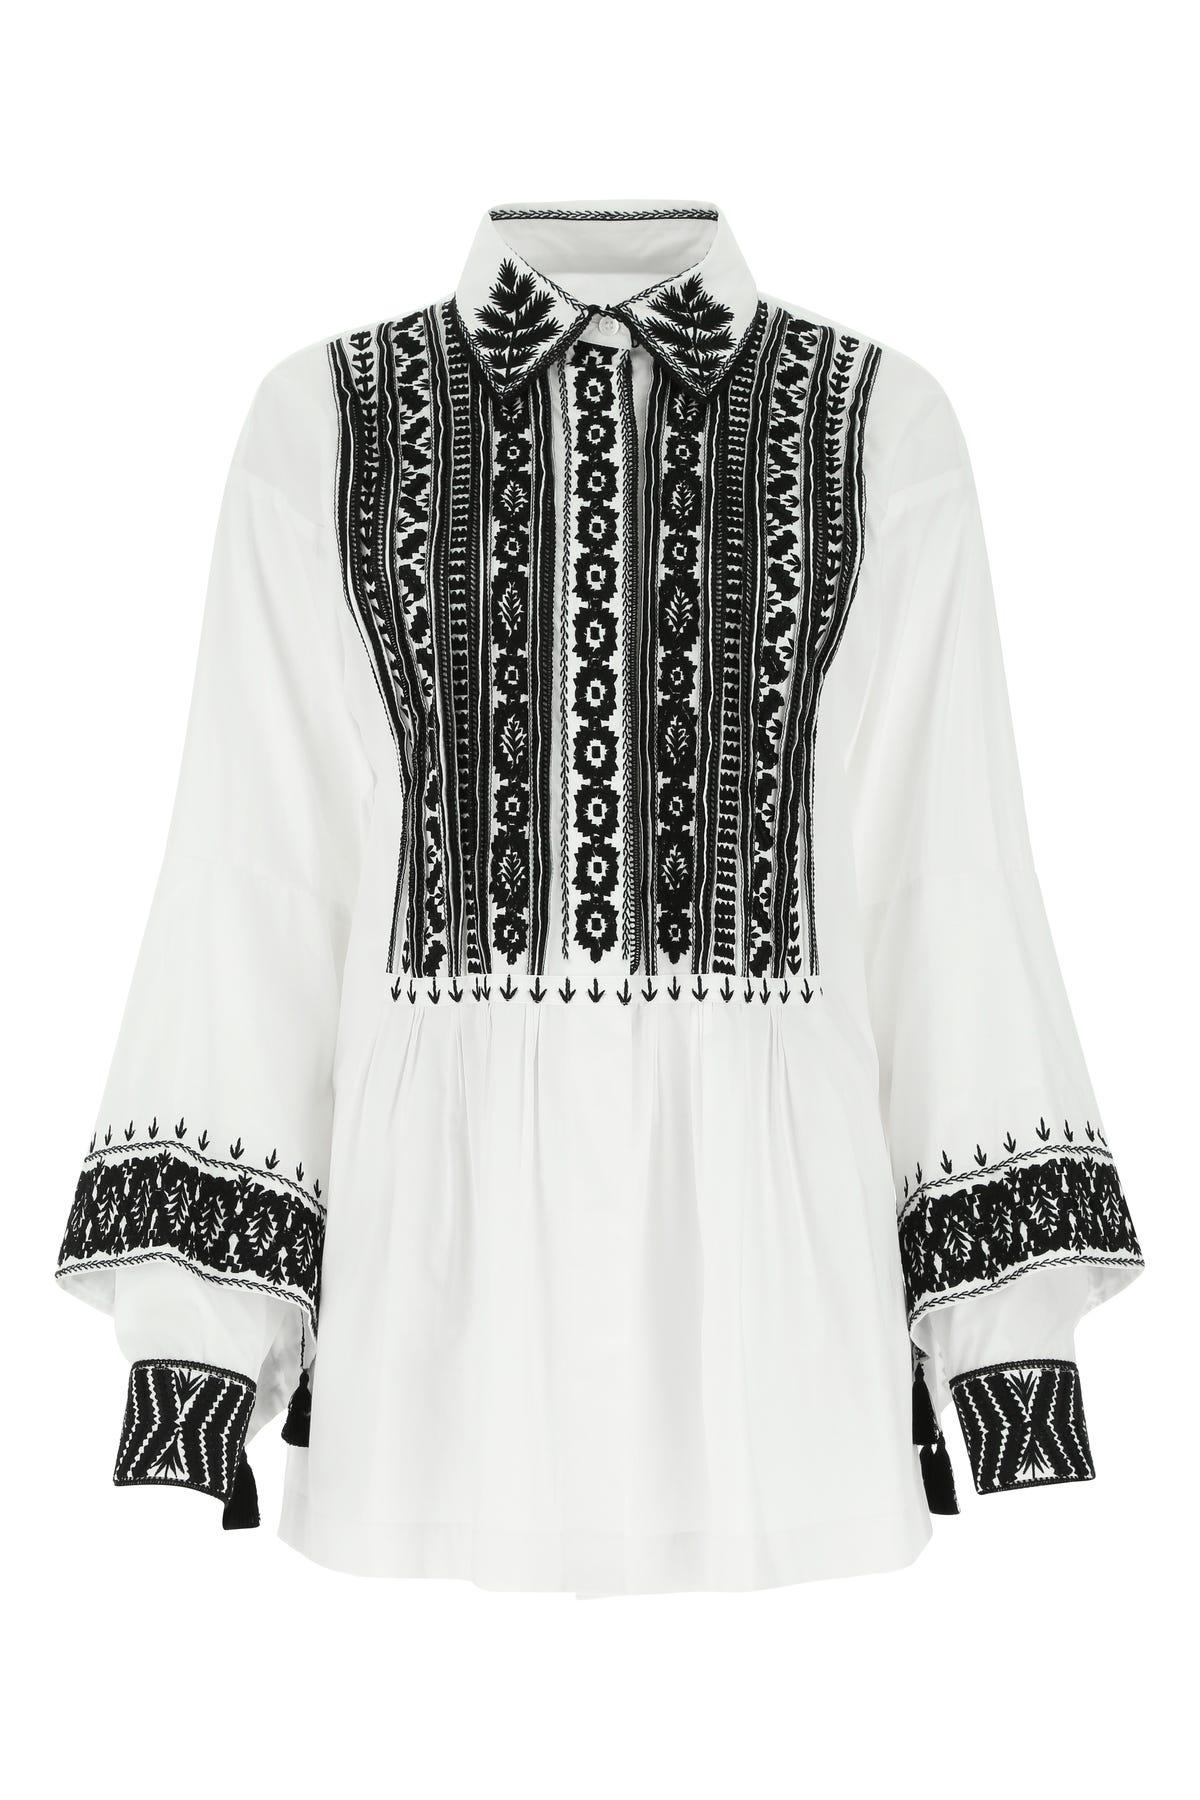 Dries Van Noten Shirts WHITE POPLIN BLOUSE WHITE DRIES VAN NOTEN DONNA 38F